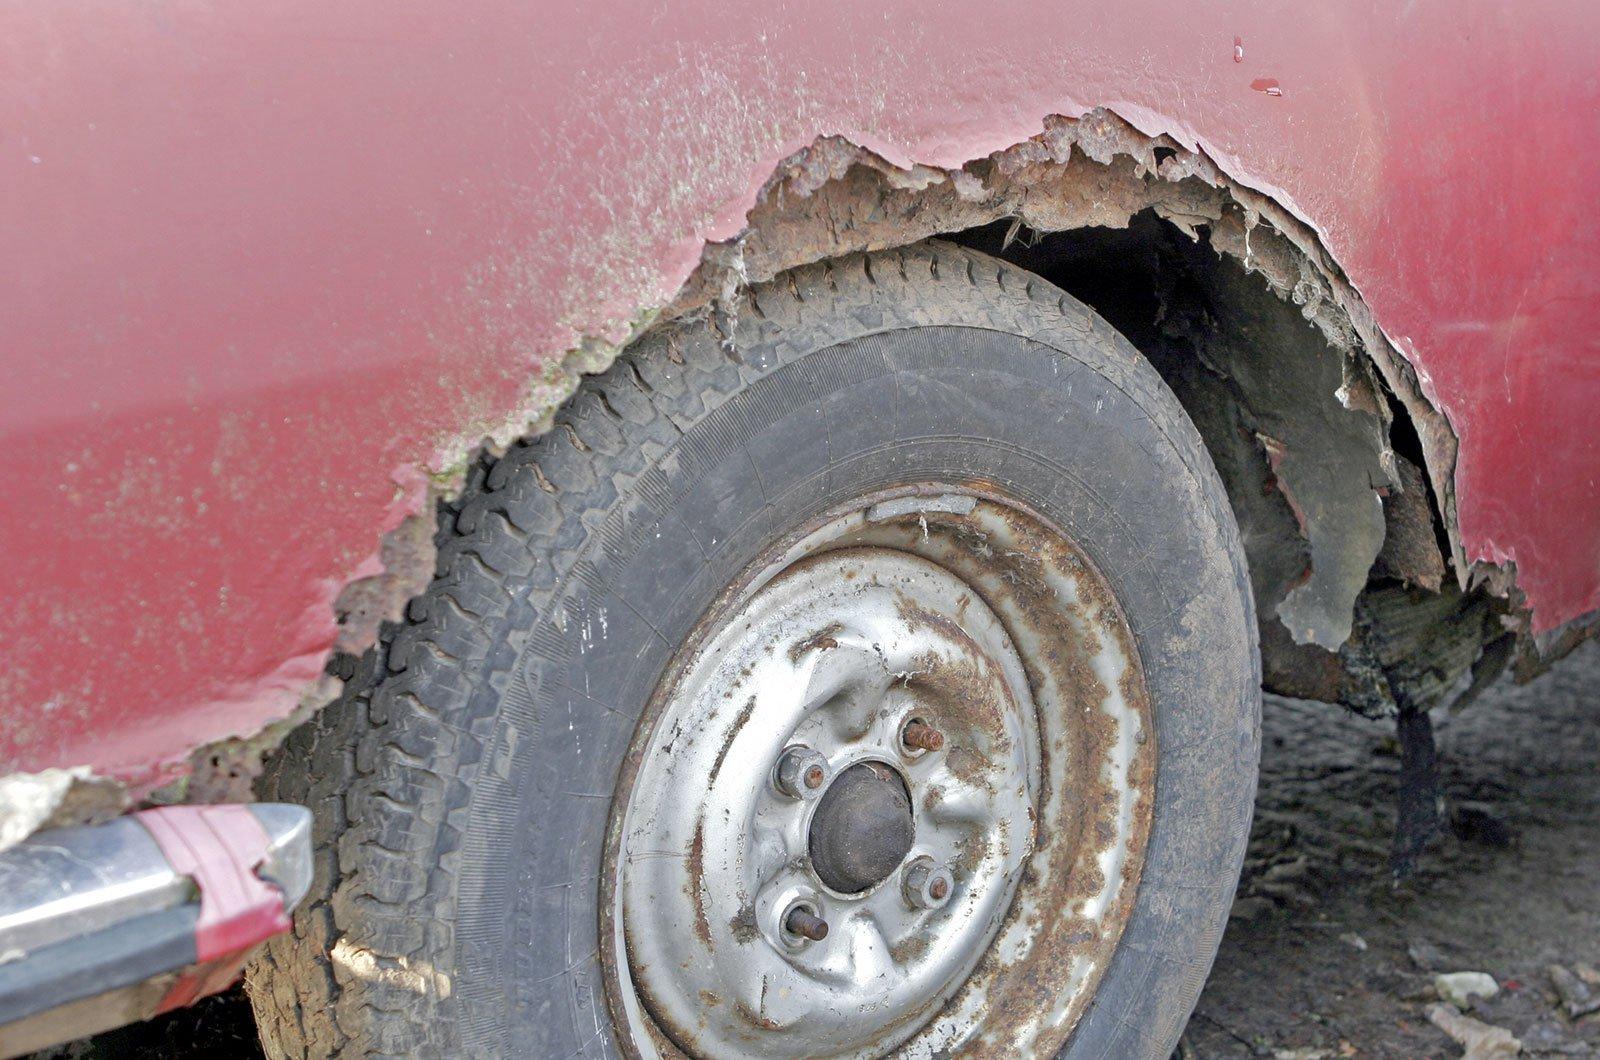 Rusting car